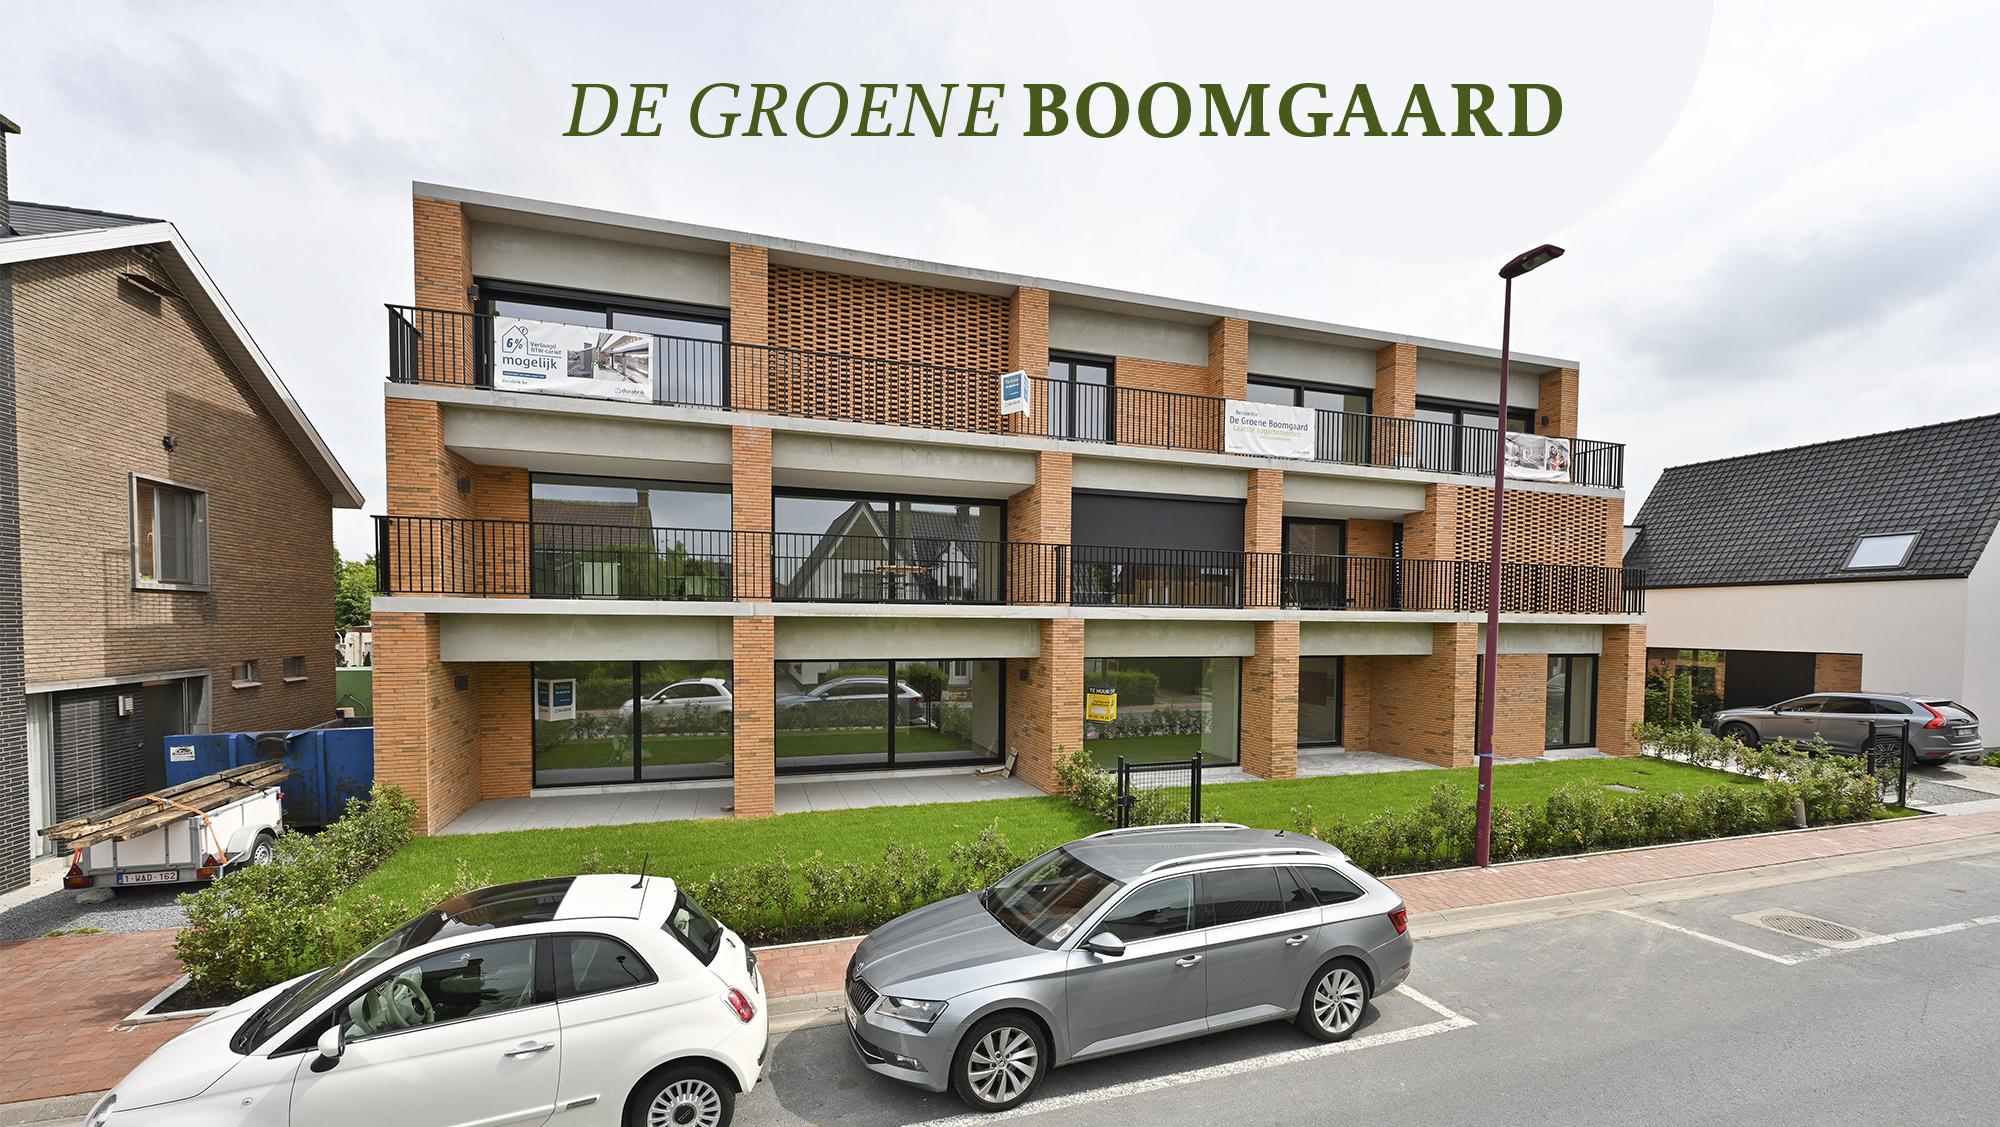 Residentie De Groene Boomgaard: Moderne appartementen in een tijdloze ontwikkeling in Landegem